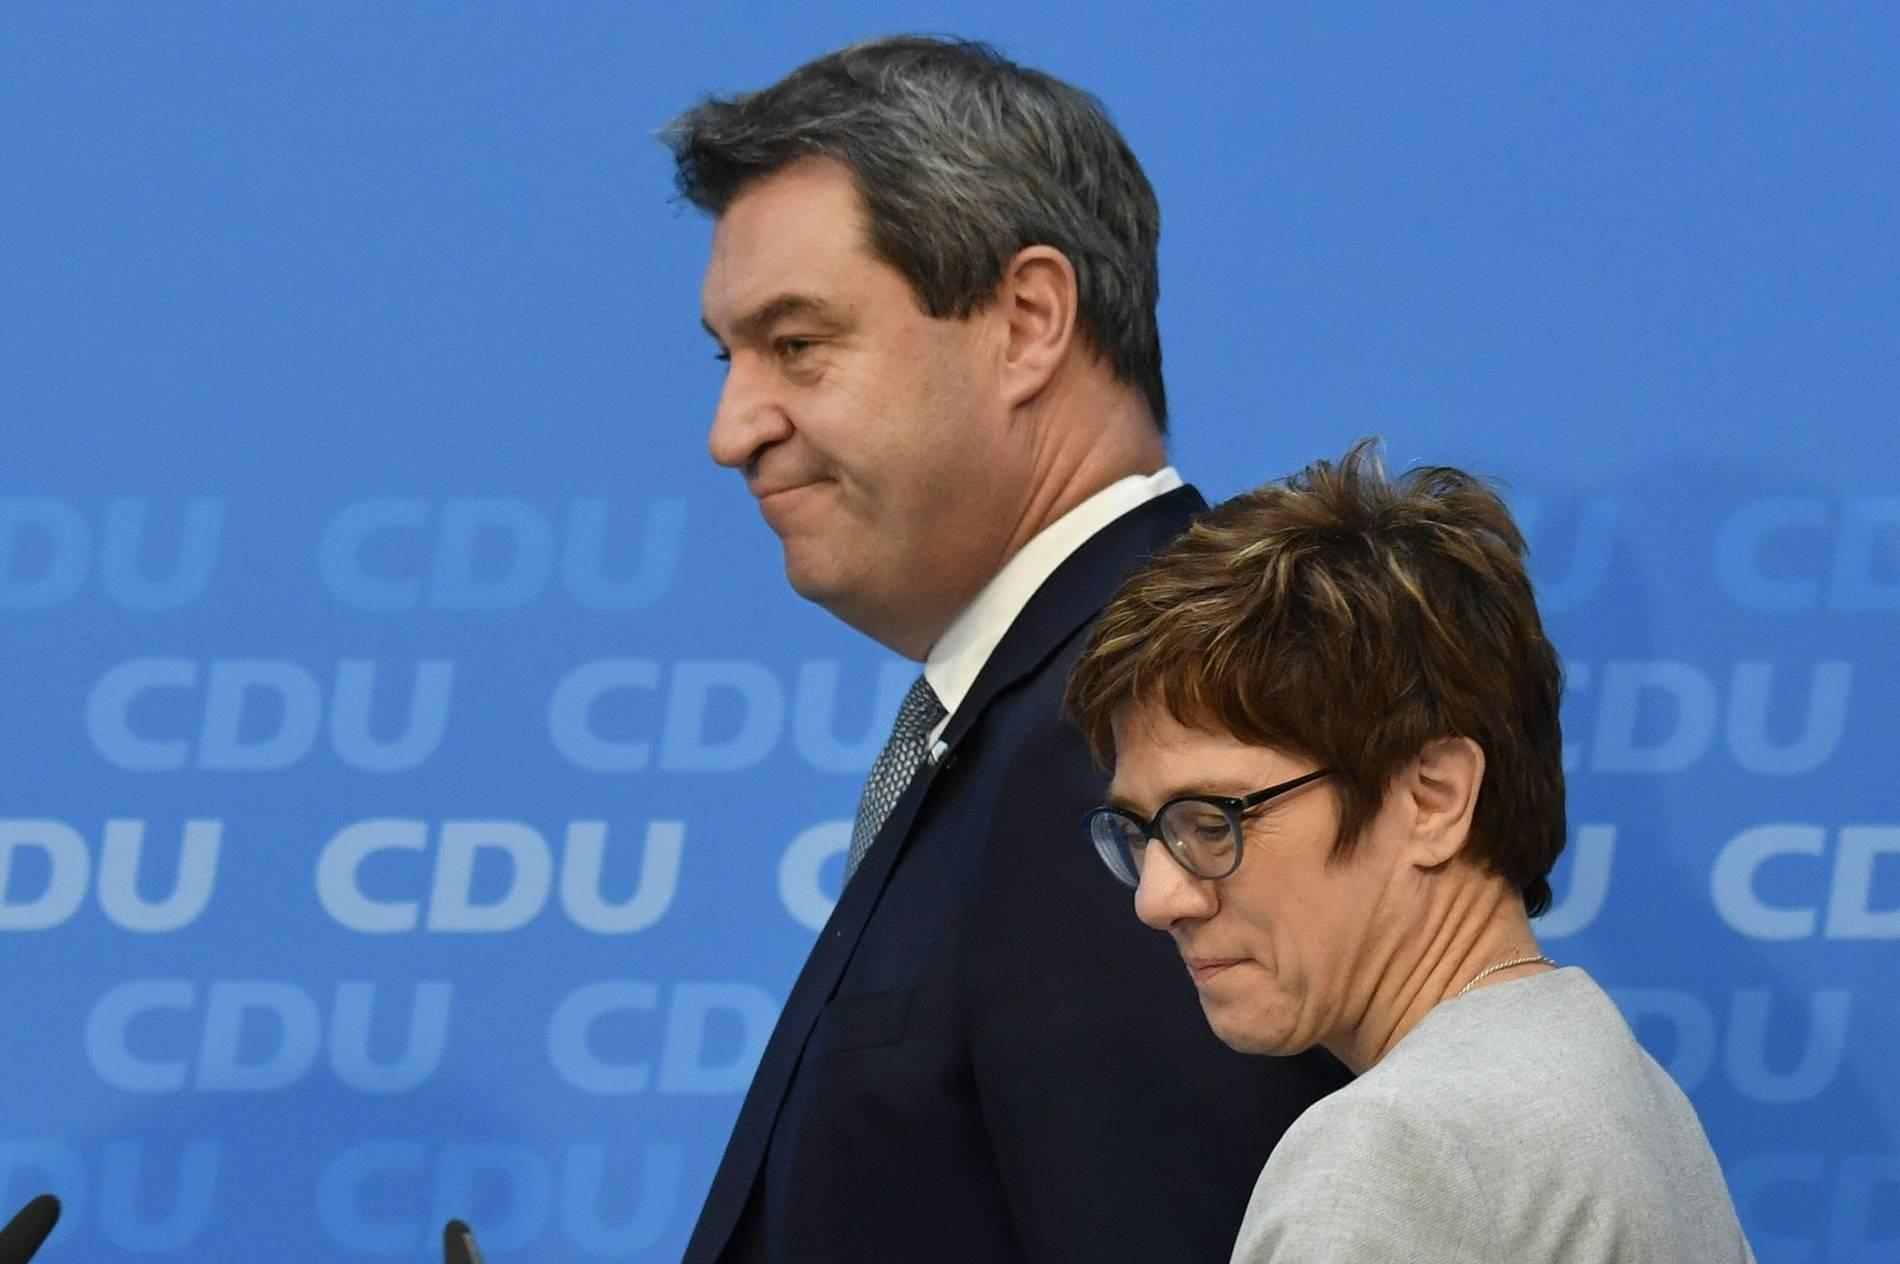 CDU und CSU: Söder und Kramp-Karrenbauer versprechen Neustart